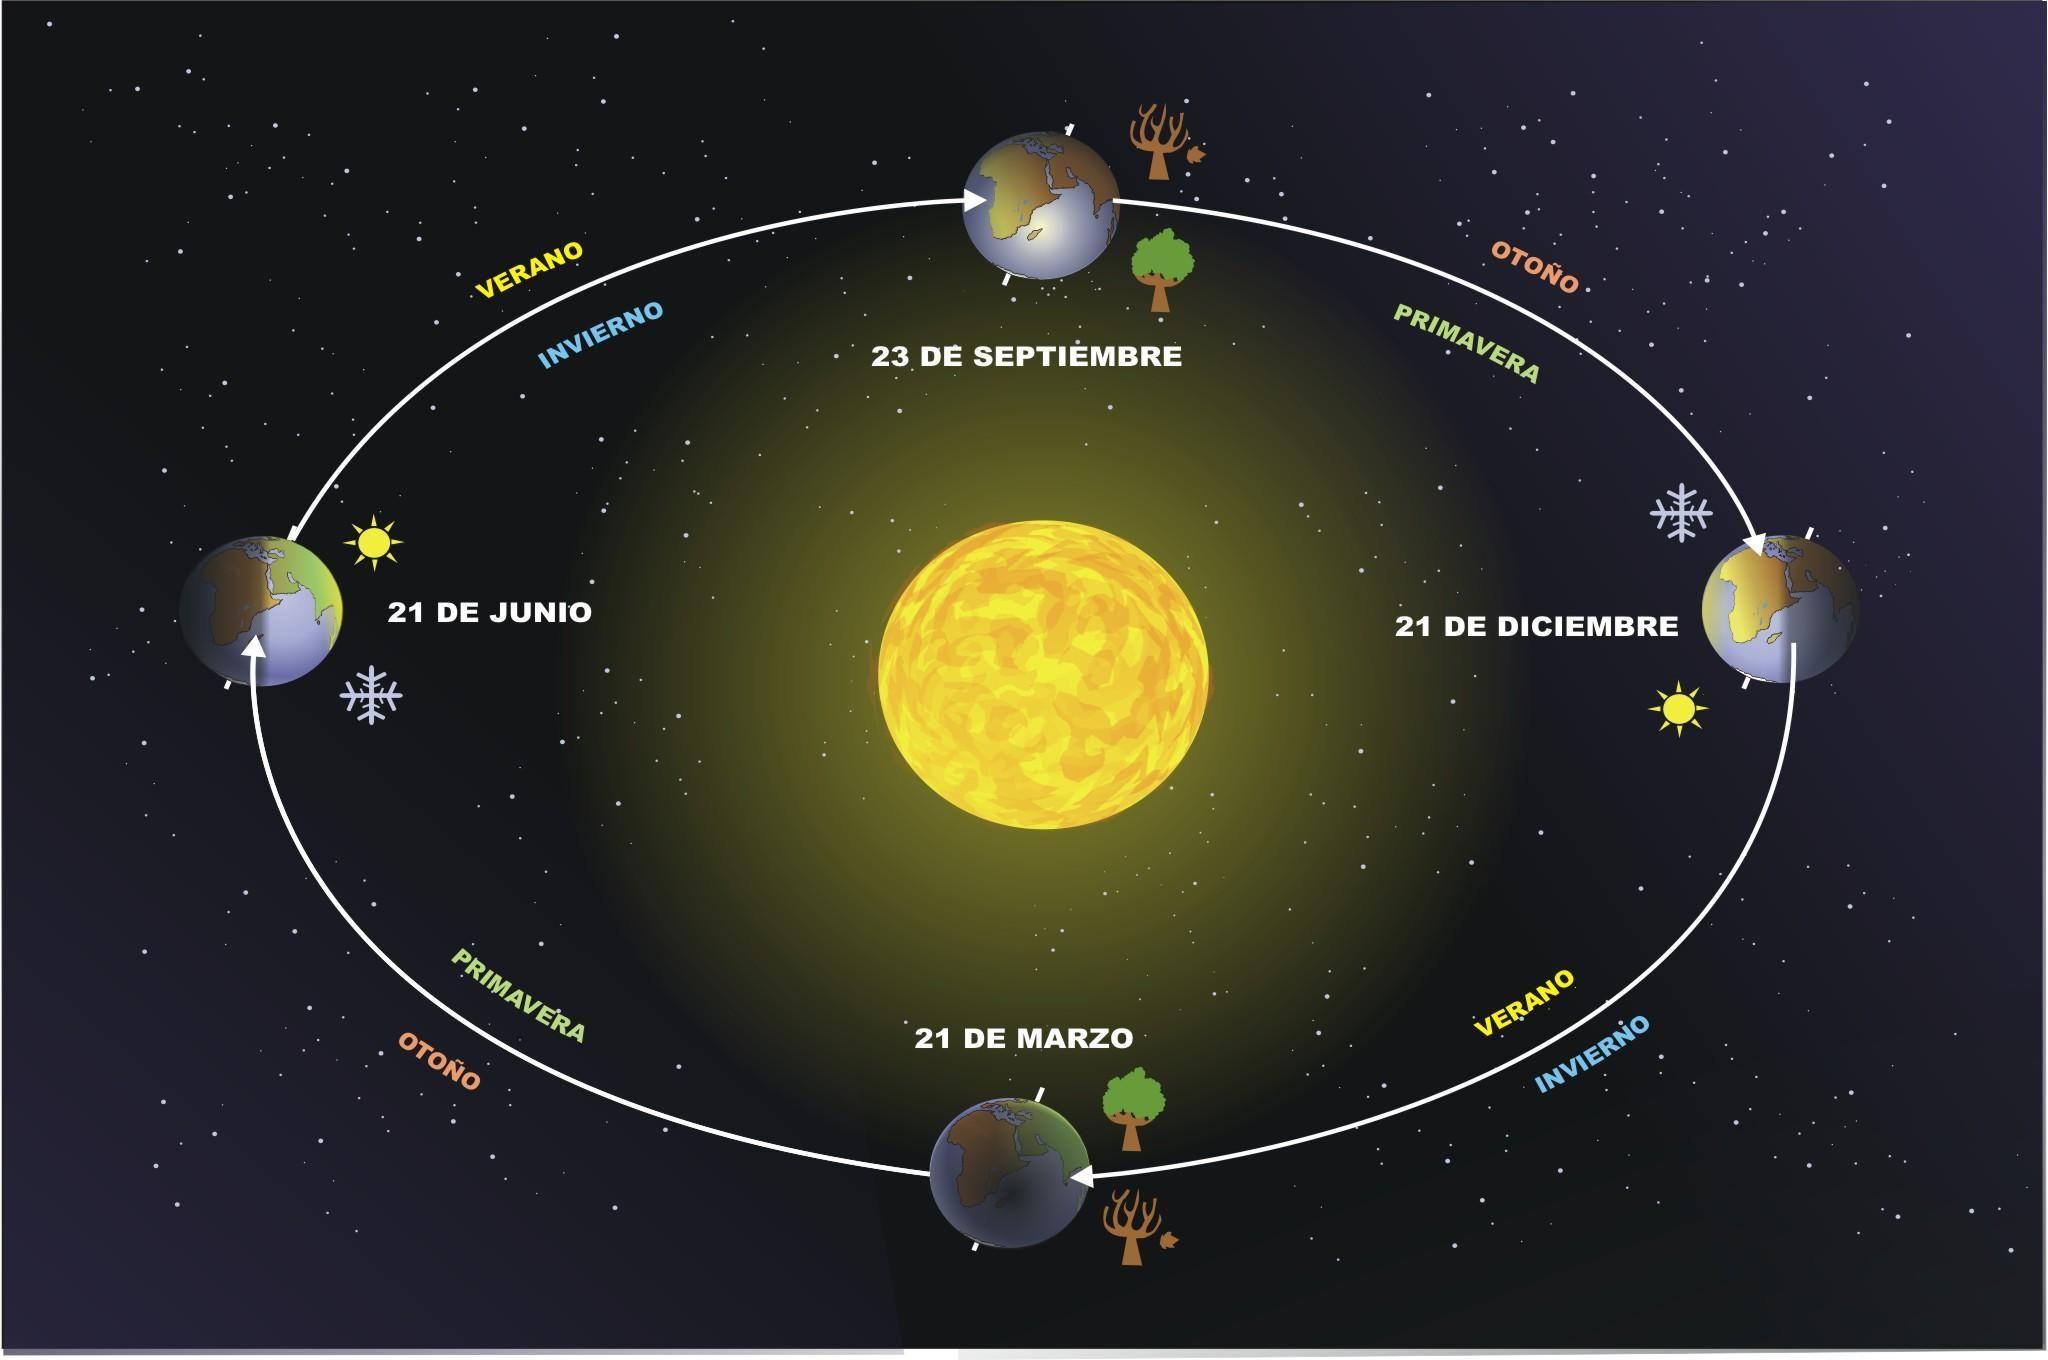 Los movimientos de la Tierra en el Sistema Solar ROTACIN Y